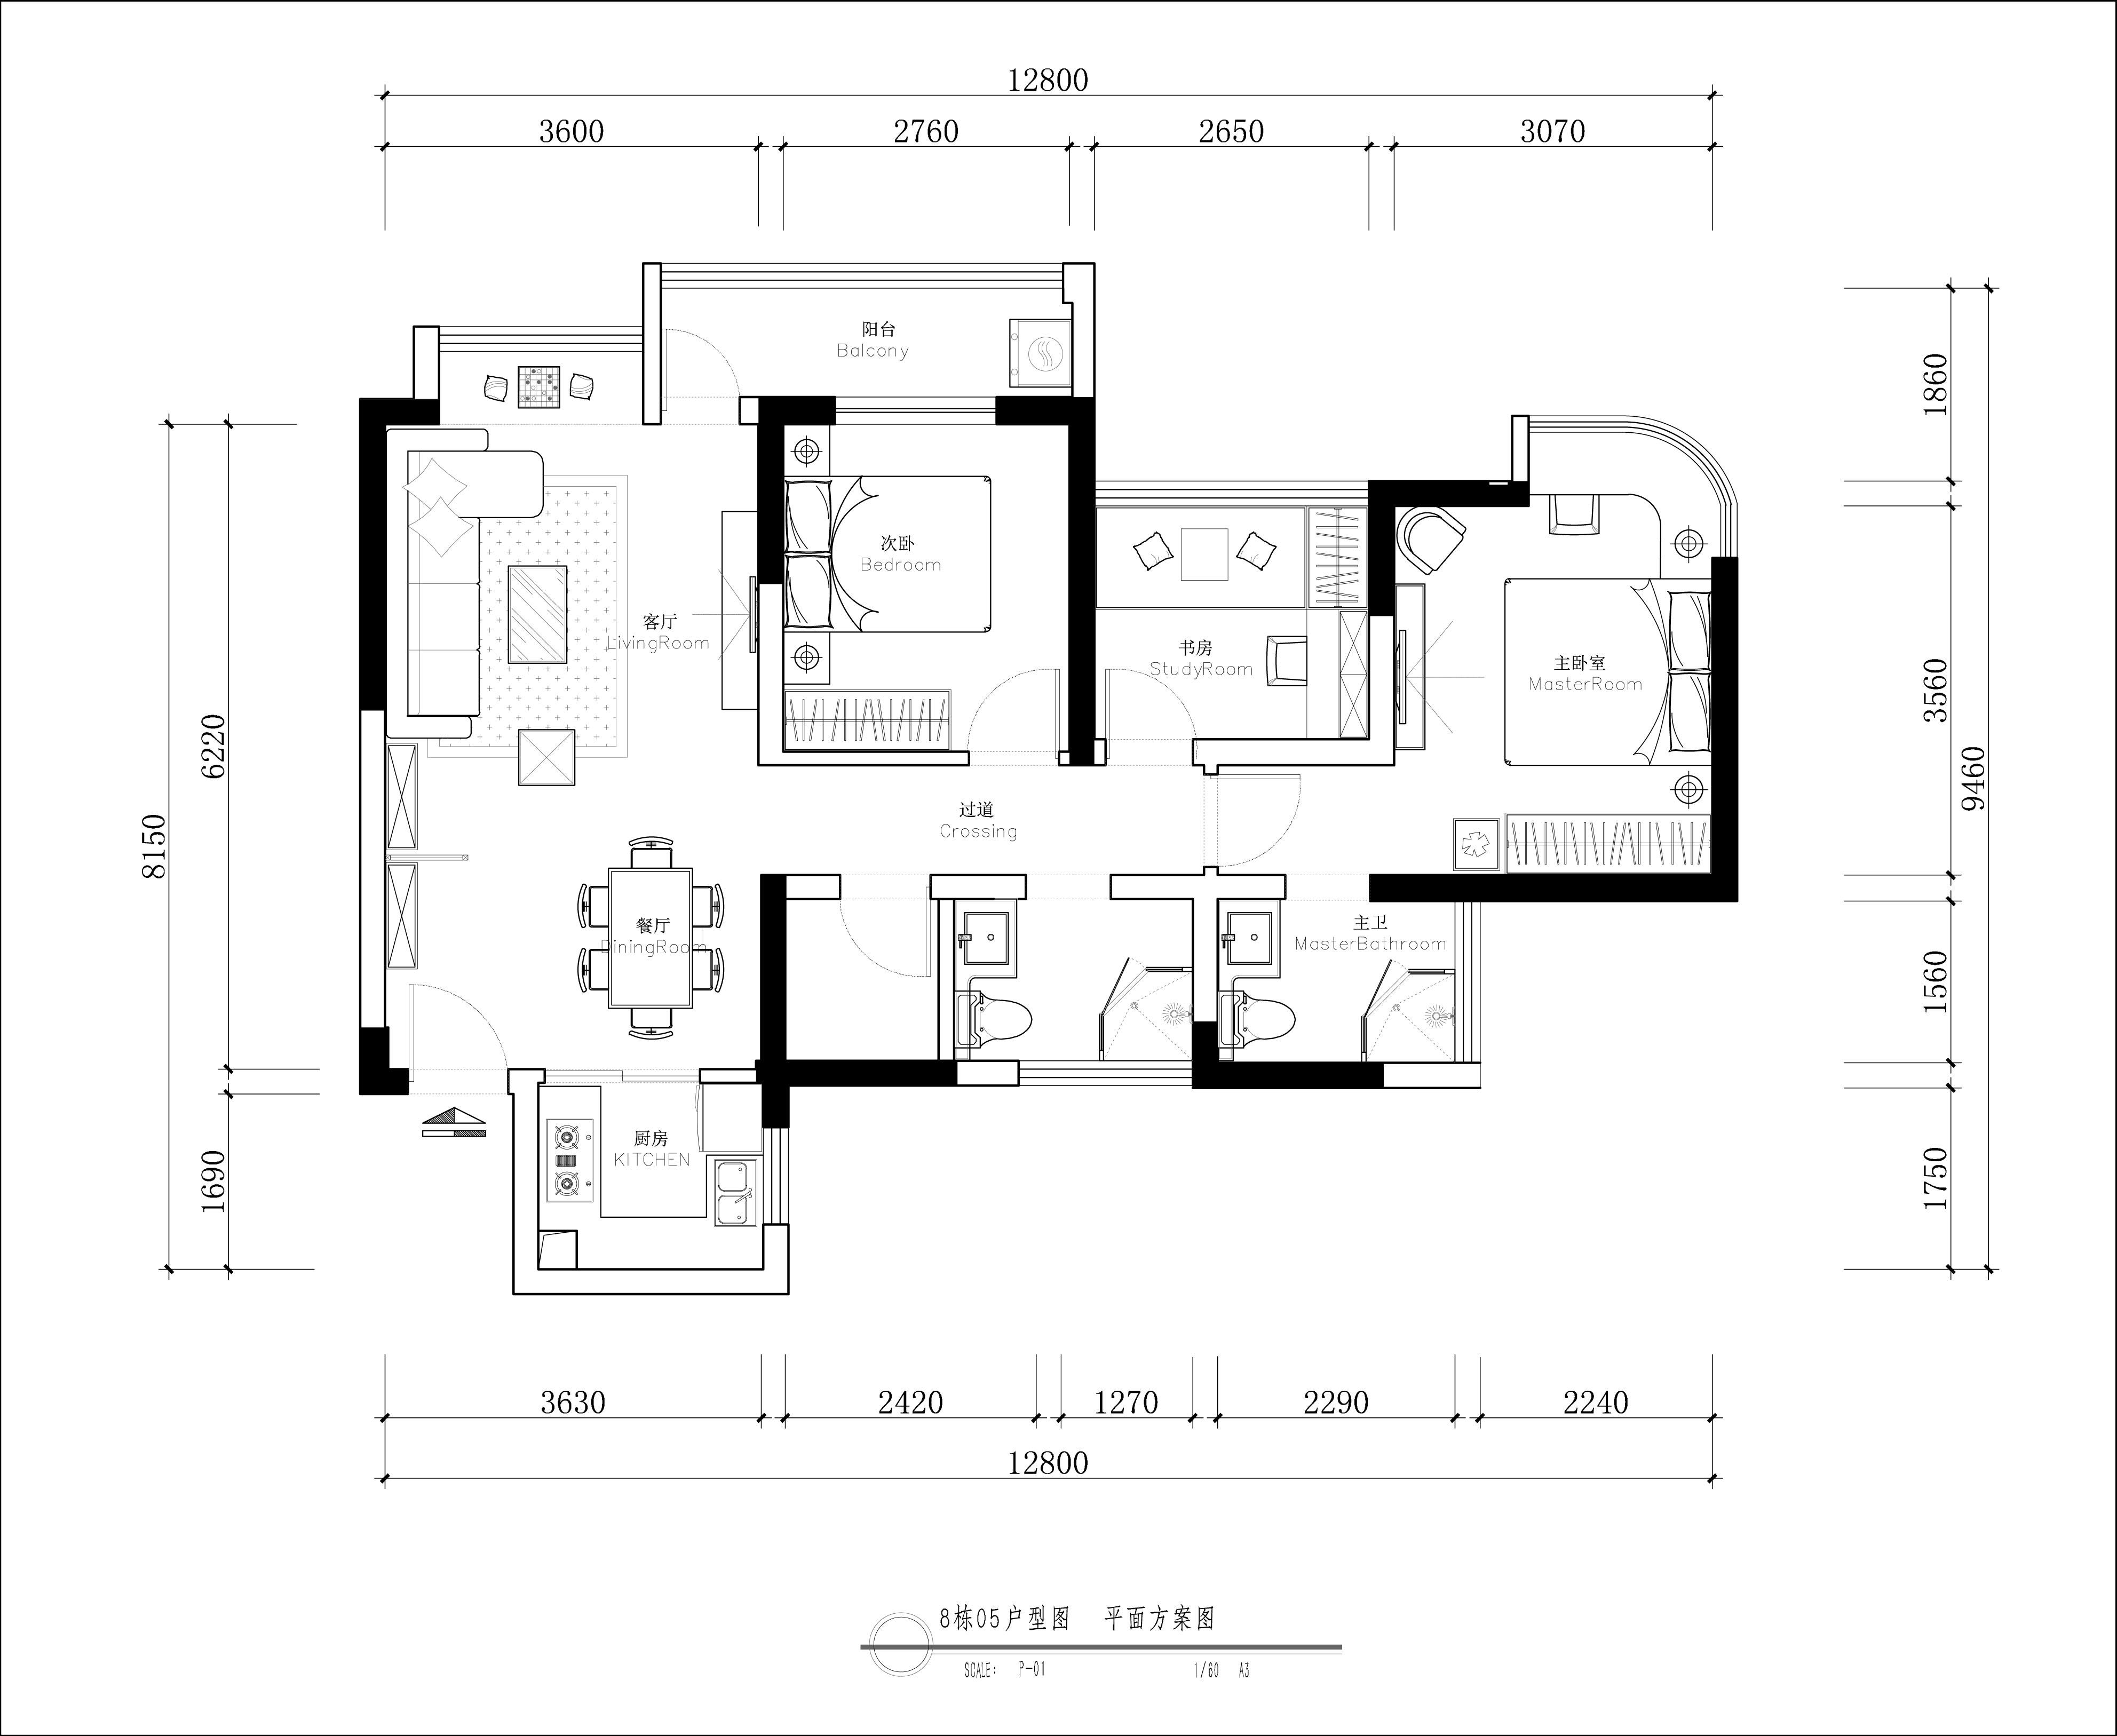 勤诚达22世纪 现代简约装修效果图 89平米 小户型装饰设计装修设计理念